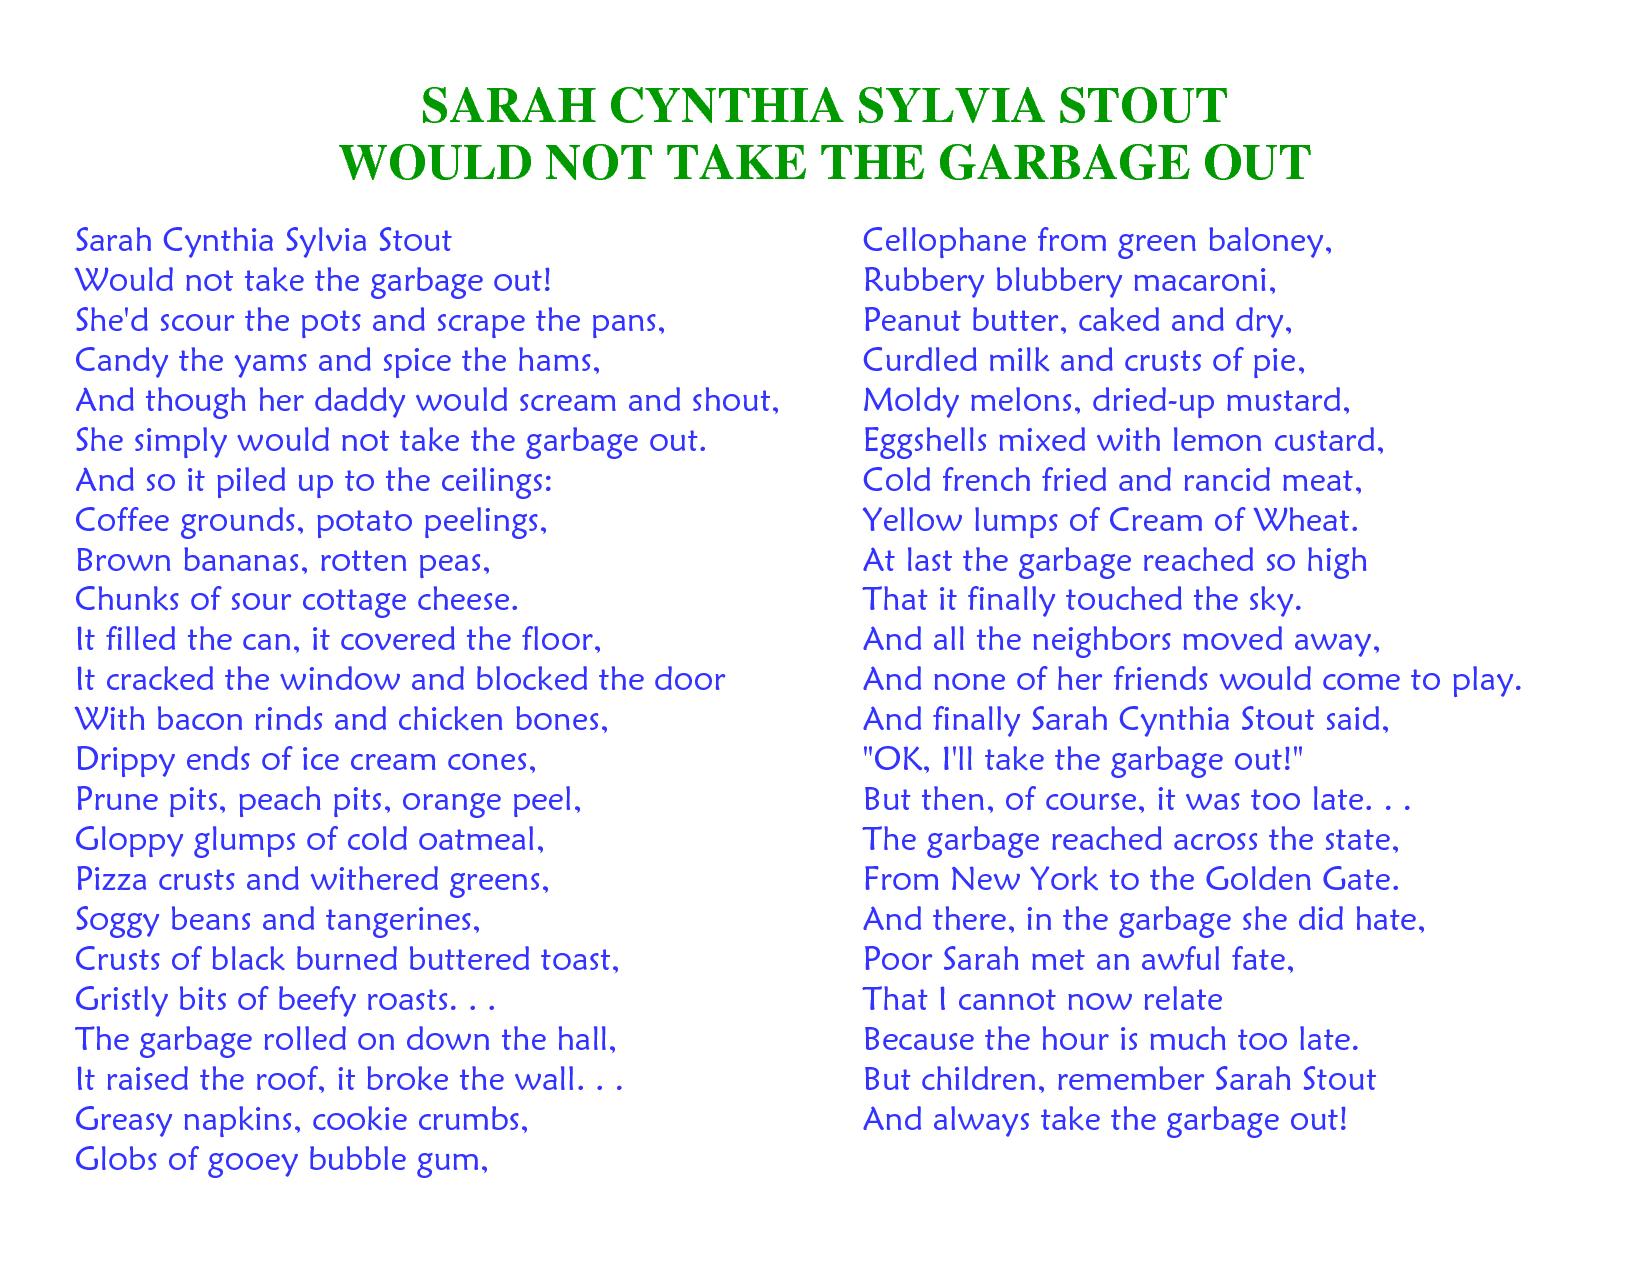 picture relating to Sarah Cynthia Sylvia Stout Printable titled Sarah Cynthia Sylvia Stout Track SARAH CYNTHIA SYLVIA STOUT